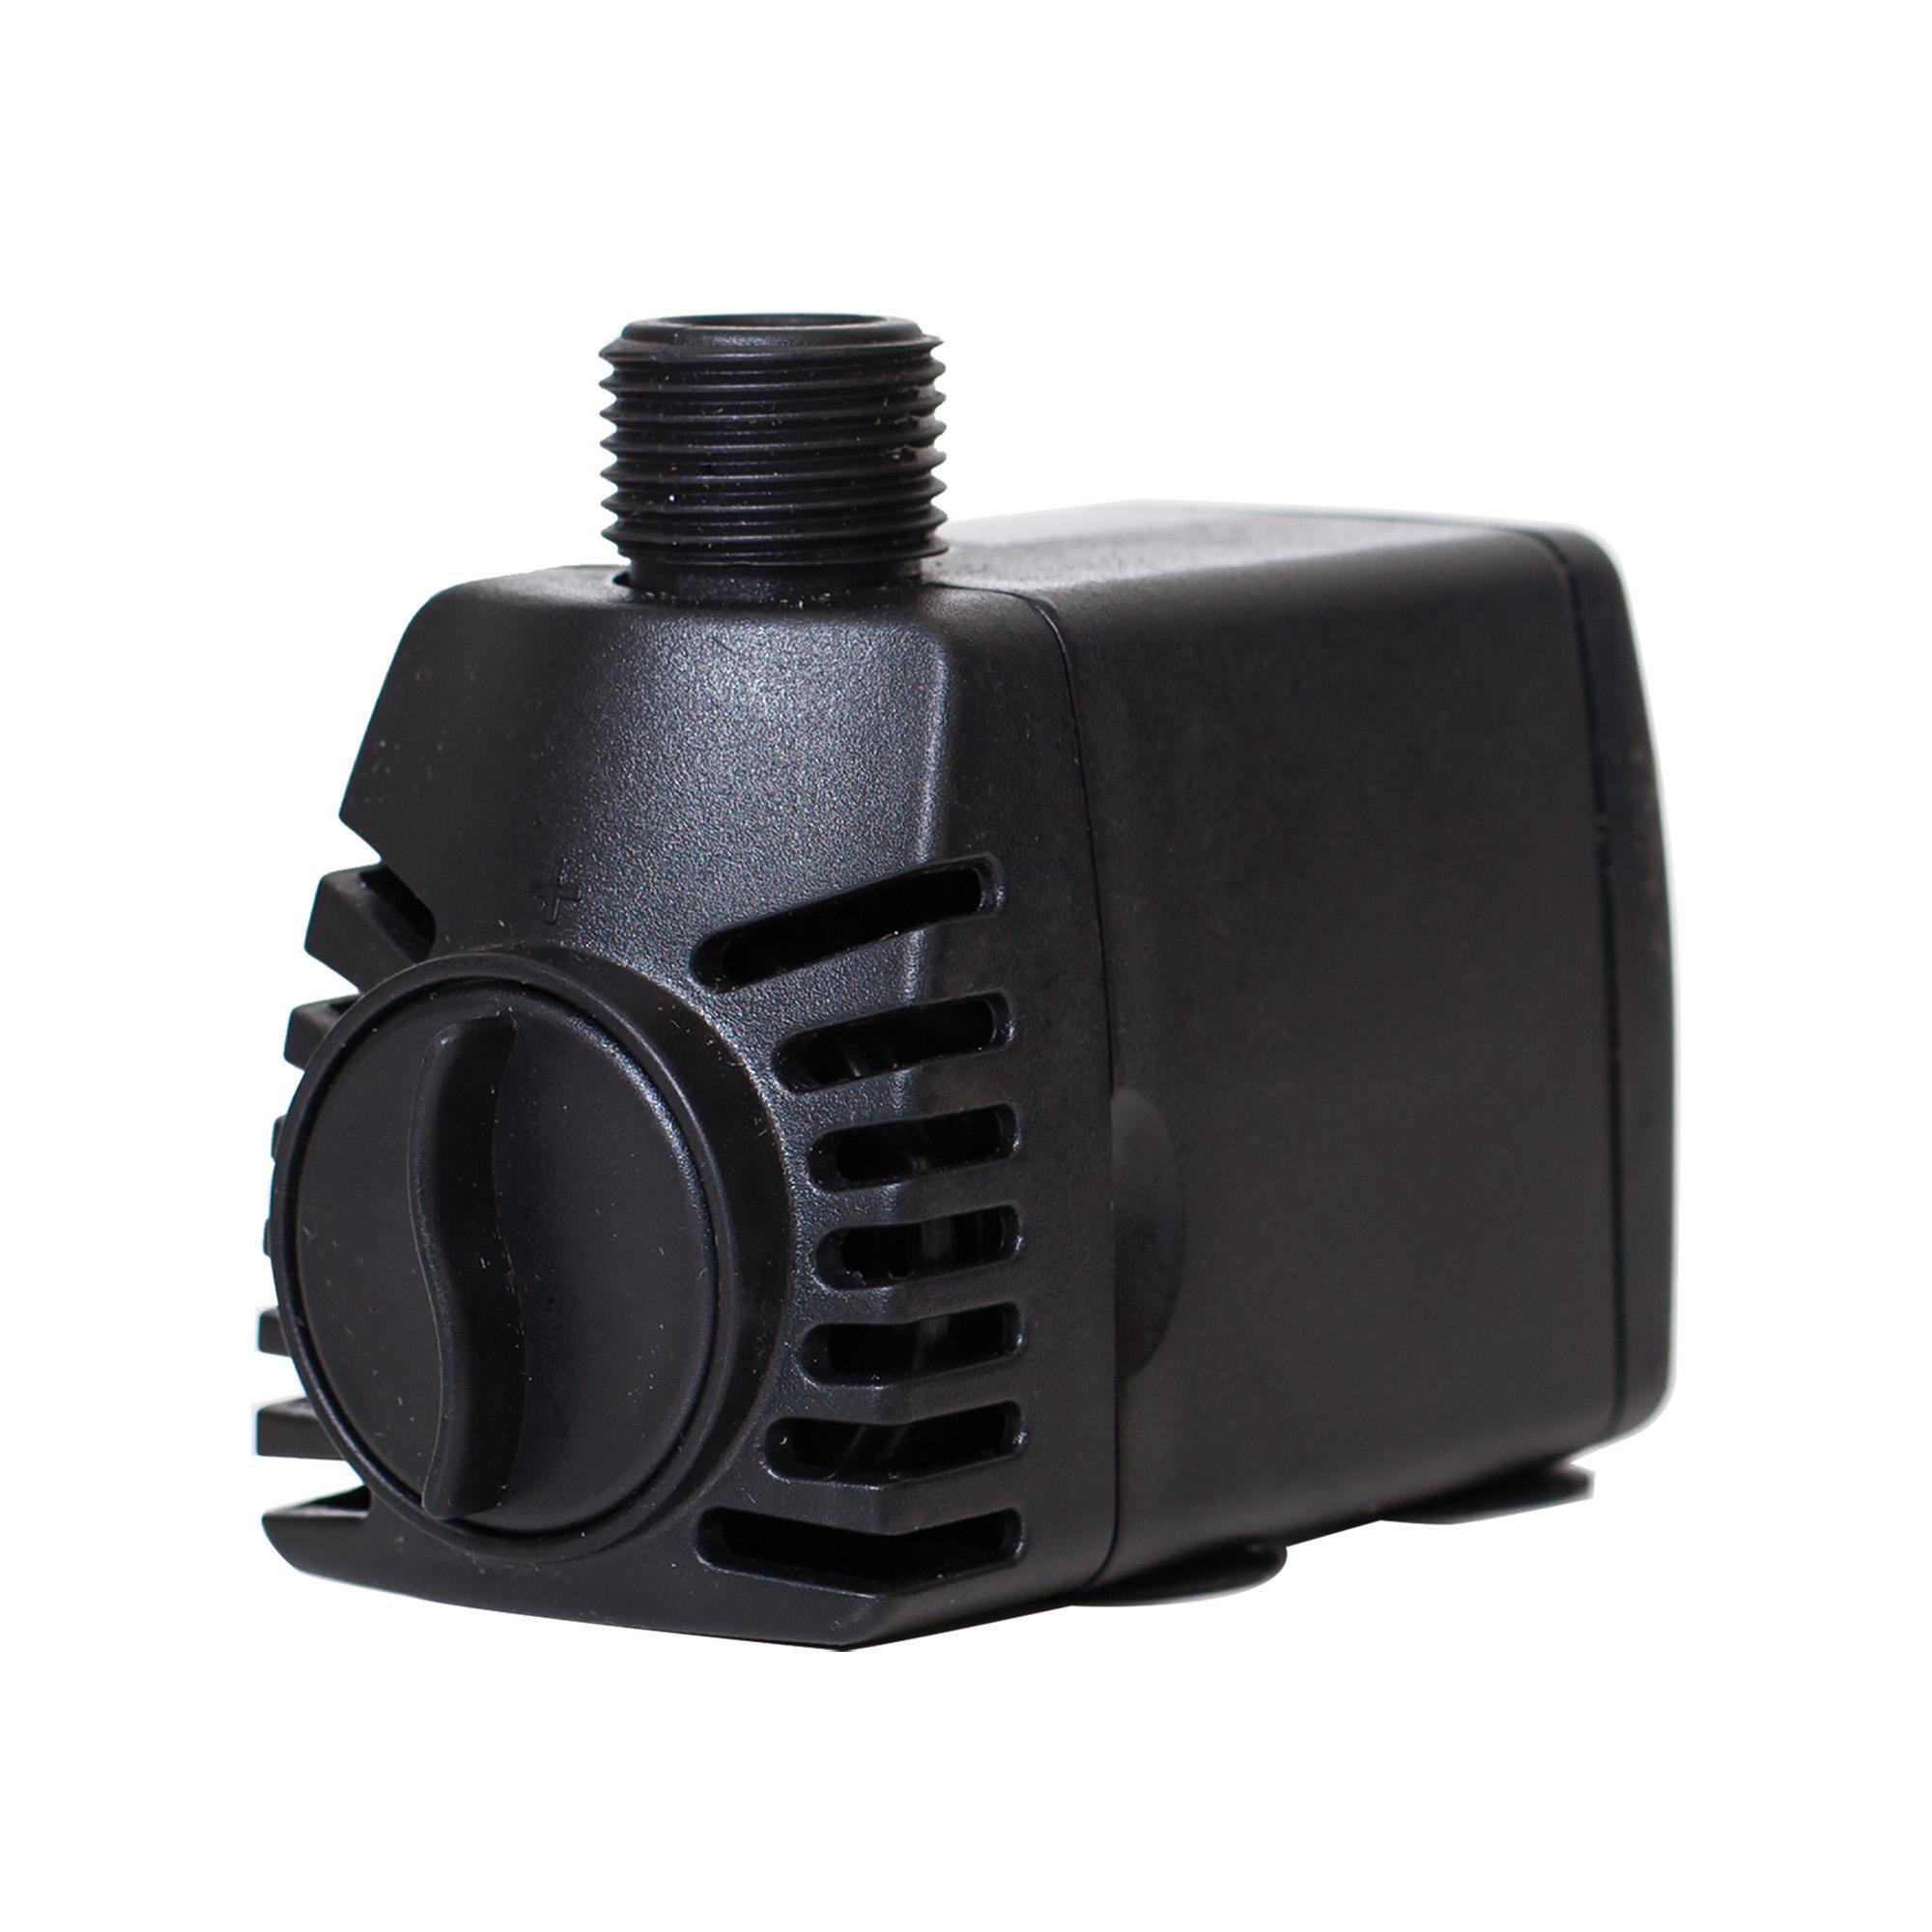 320 GPH Fountain Pump